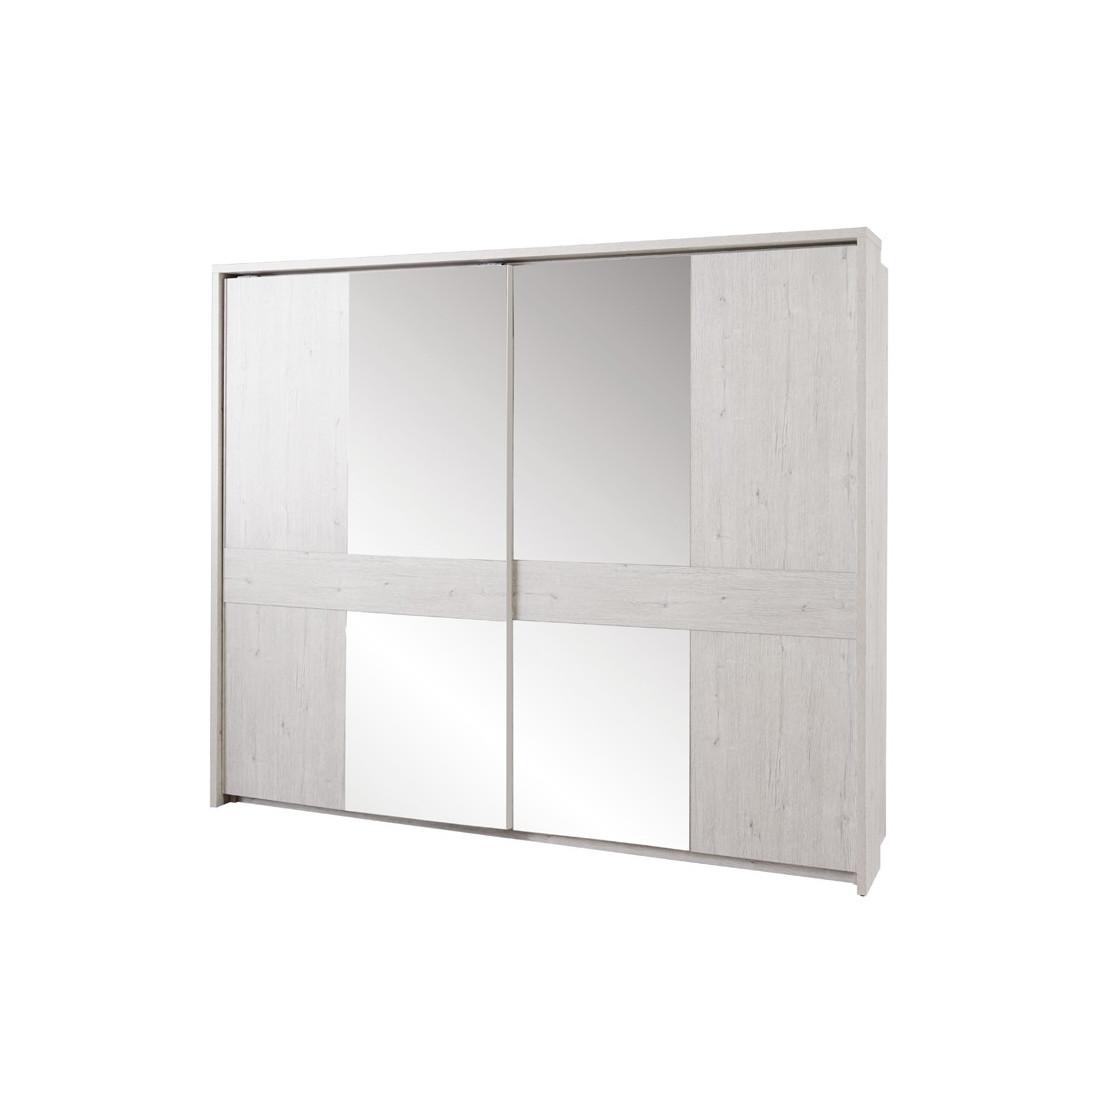 armoire 2 portes coulissantes 220 cm dulce univers de la chambre. Black Bedroom Furniture Sets. Home Design Ideas